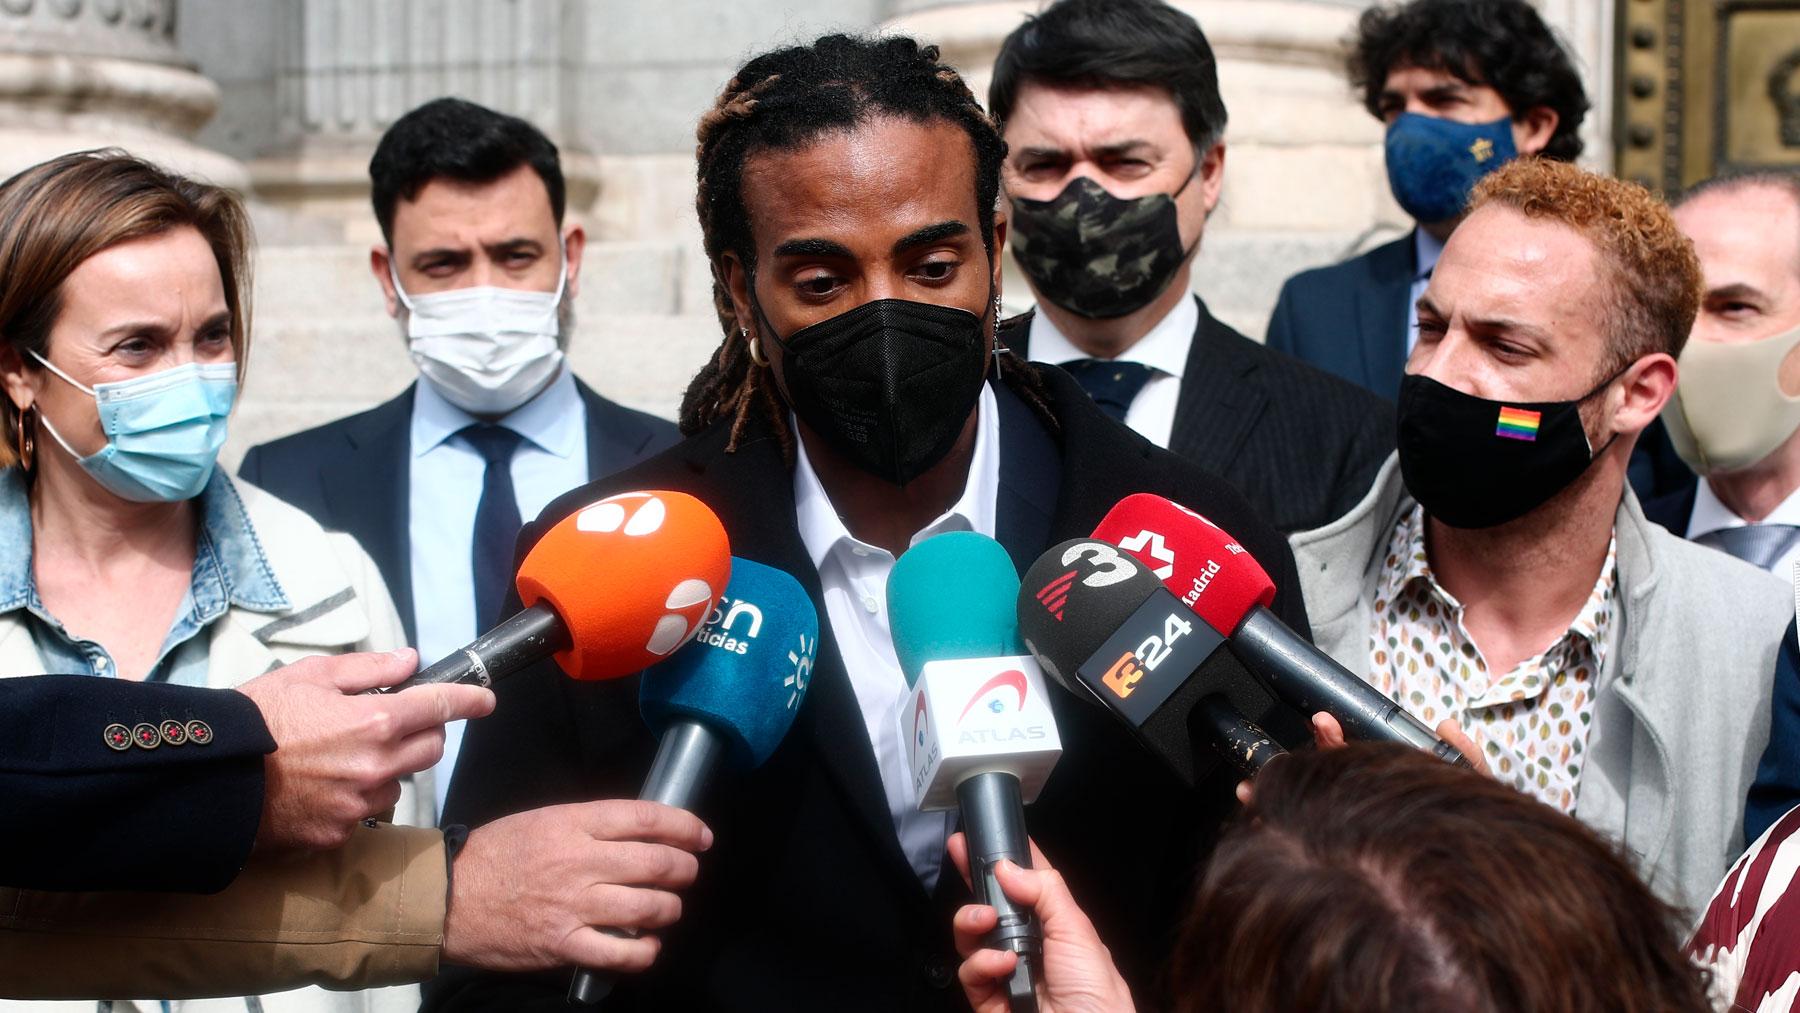 Yotuel: Exteriores se reúne con el cantante para valorar la situación en  Cuba tras las protestas